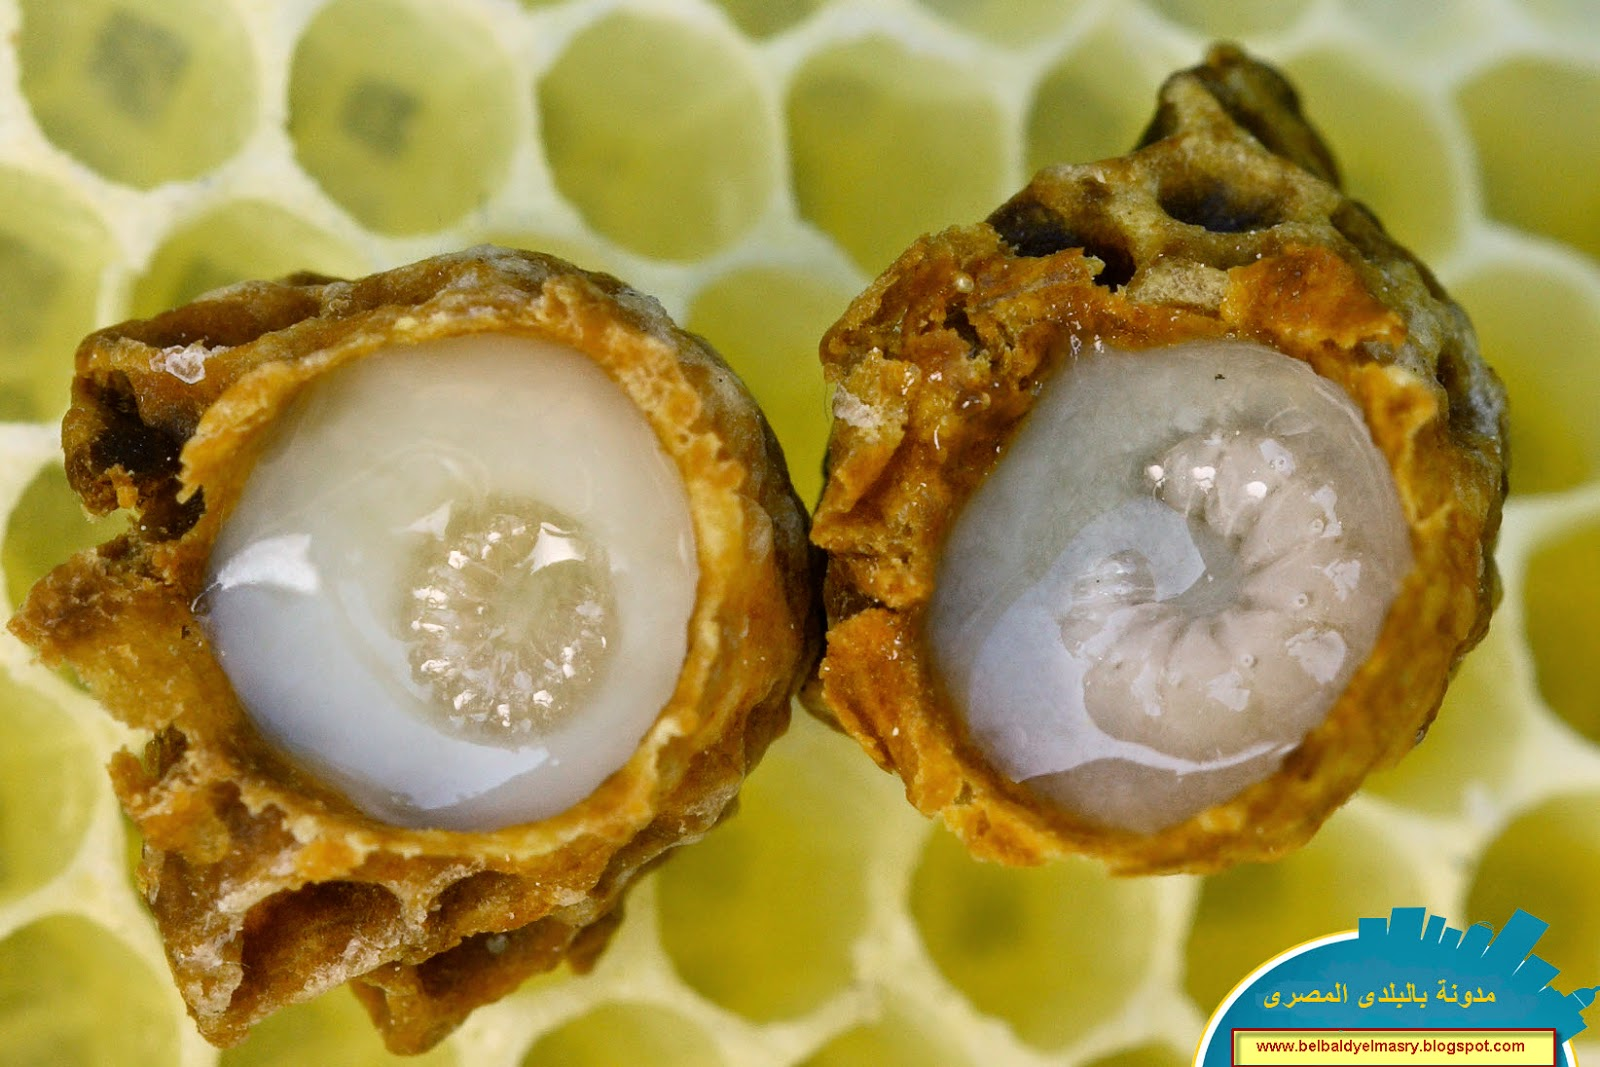 تعرف على فوائد غذاء ملكات النحل العلاجيه والصحيه واستخداماته